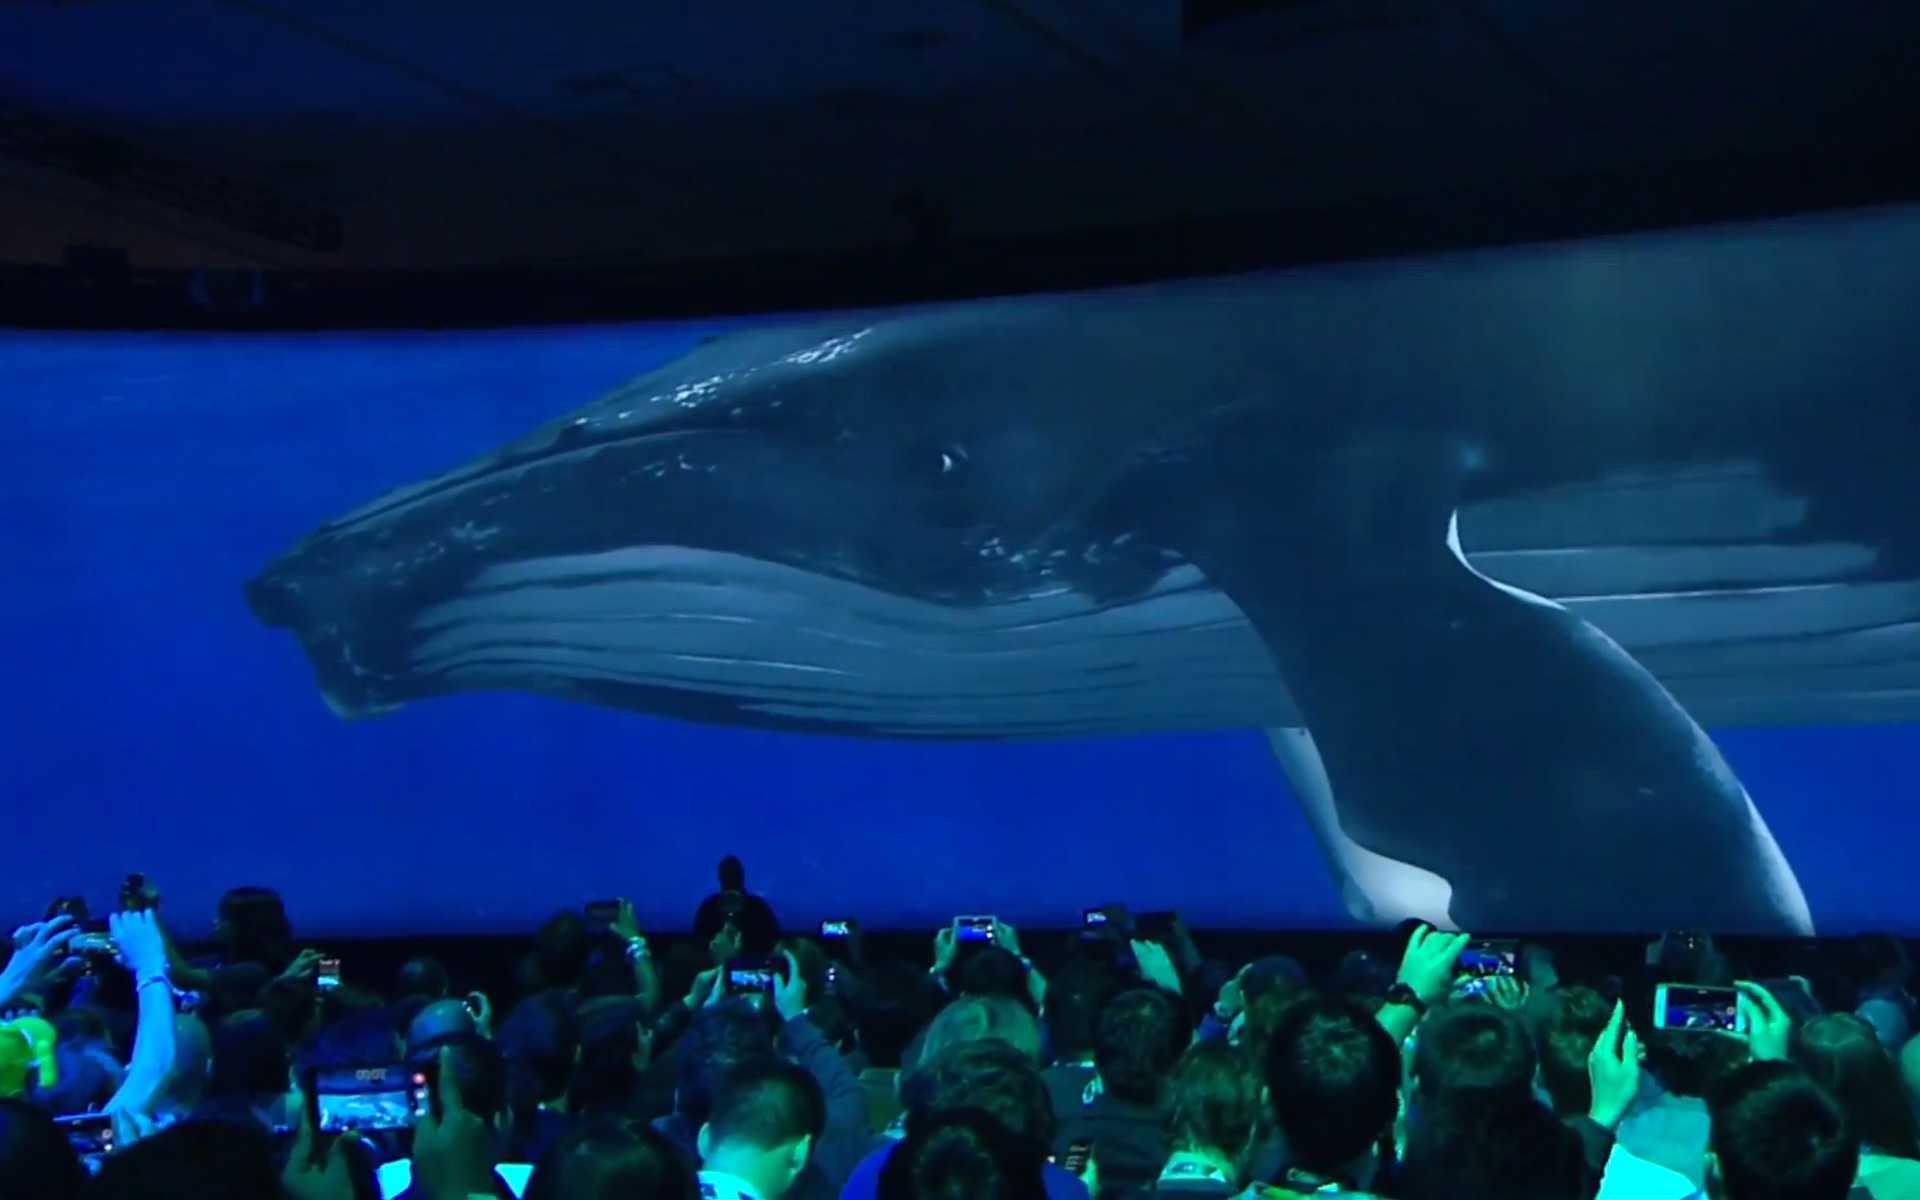 Über die 180-Grad-Leinwand im Moscone-Center lässt Google einen Wal schwimmen oder Mitarbeiter Pong spielen.